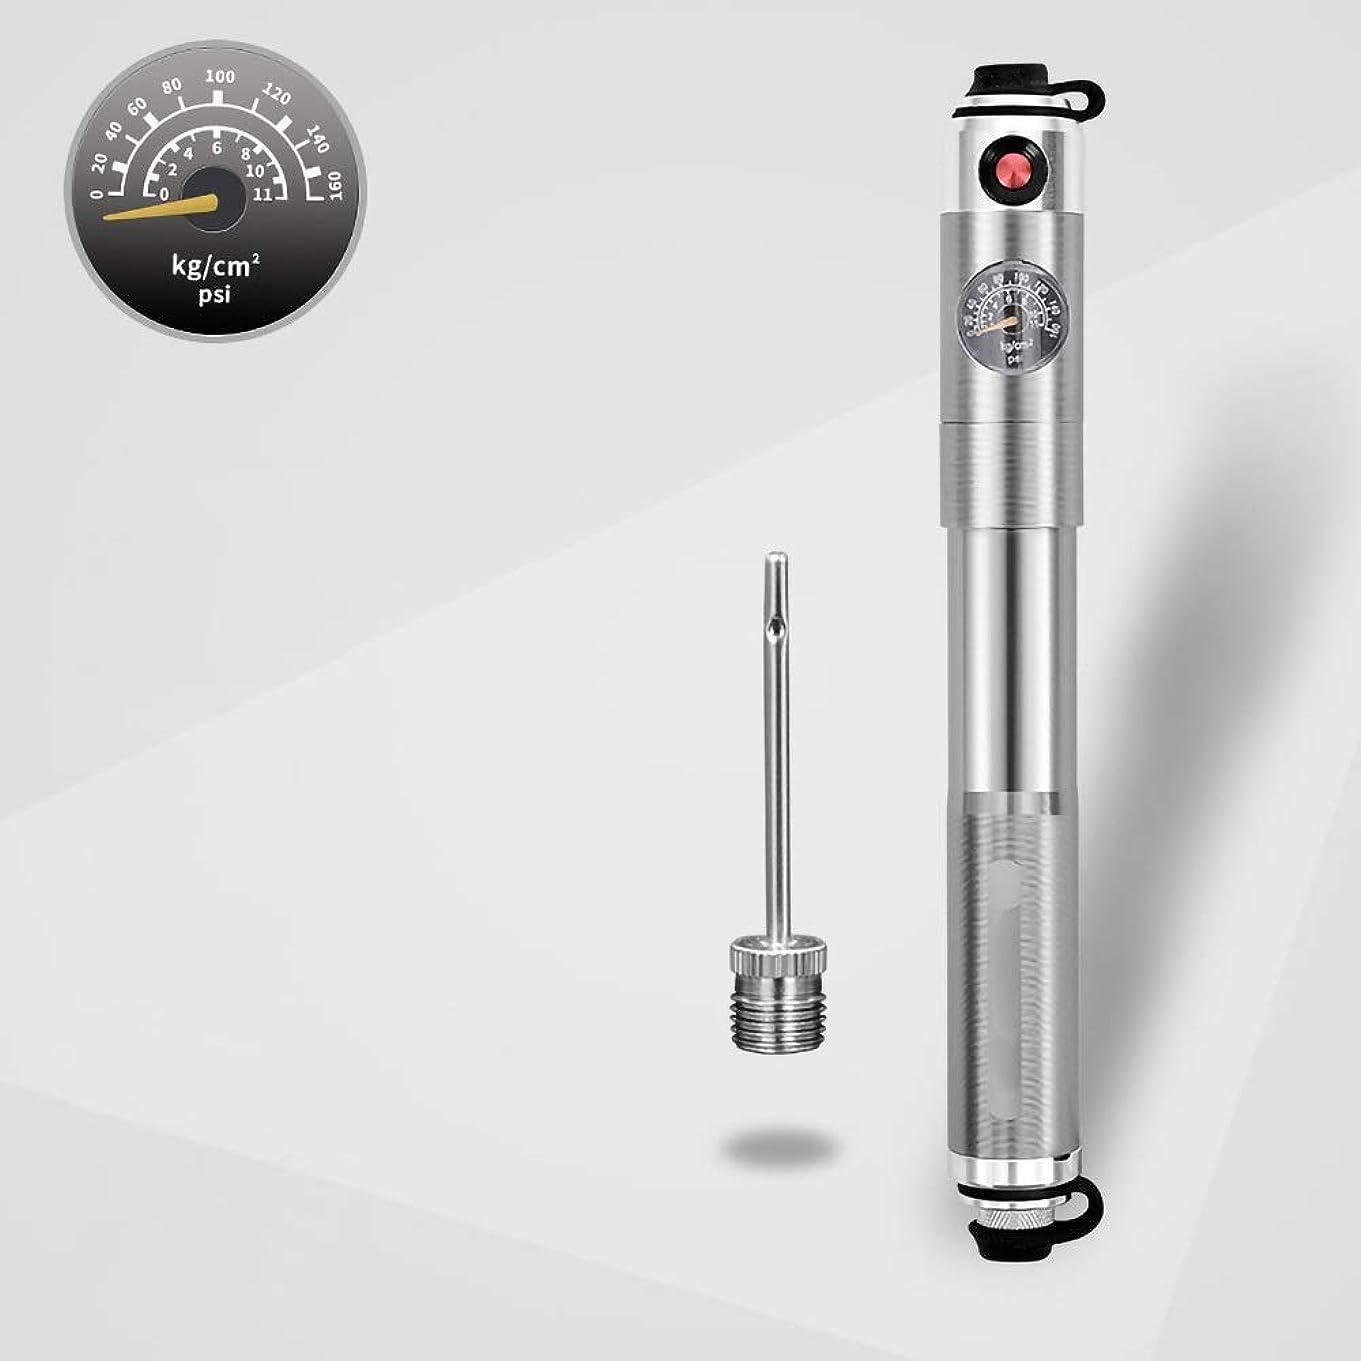 一過性反対に黄ばむゲージ信頼性のあるハンドエアーポンプ対応シュレーダープレスタ自転車タイヤポンプ付きミニバイクポンプ - 軽量&パワフル (Color : Suit 7)